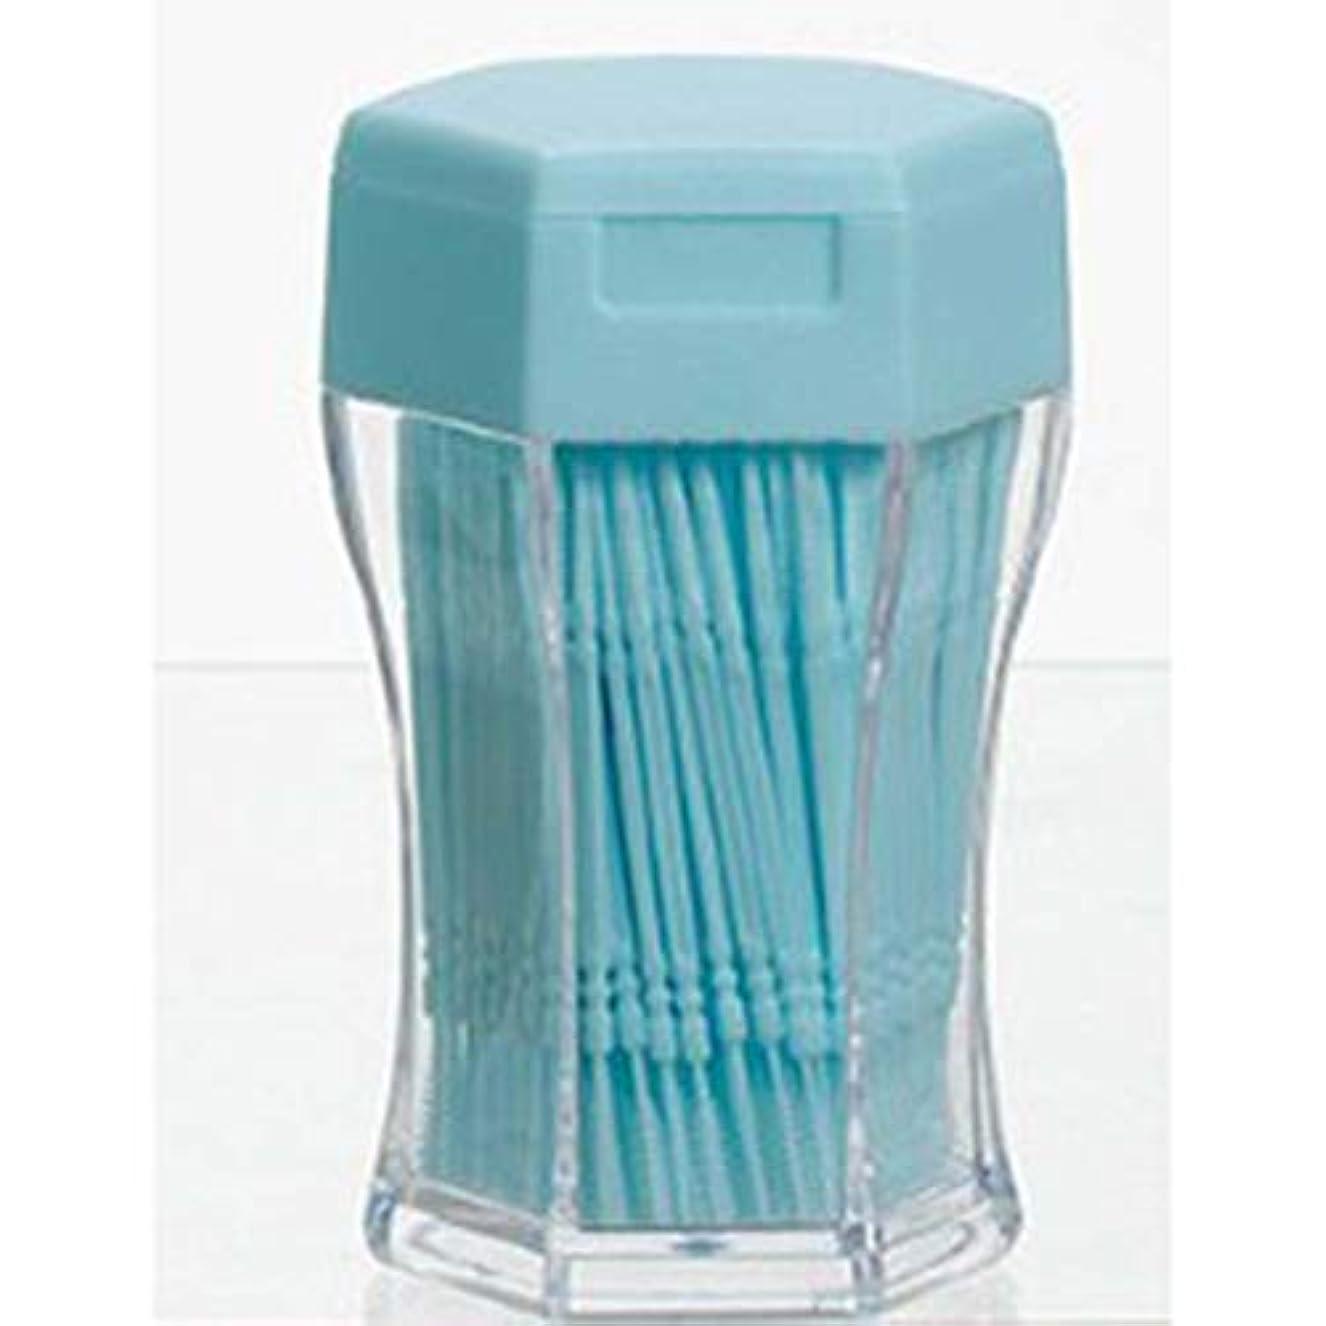 神社用量国民投票200ピース/セットダブルヘッド歯フロス衛生デンタルフロスプラスチック歯間つまようじ健康用歯のクリーニングオーラルケア